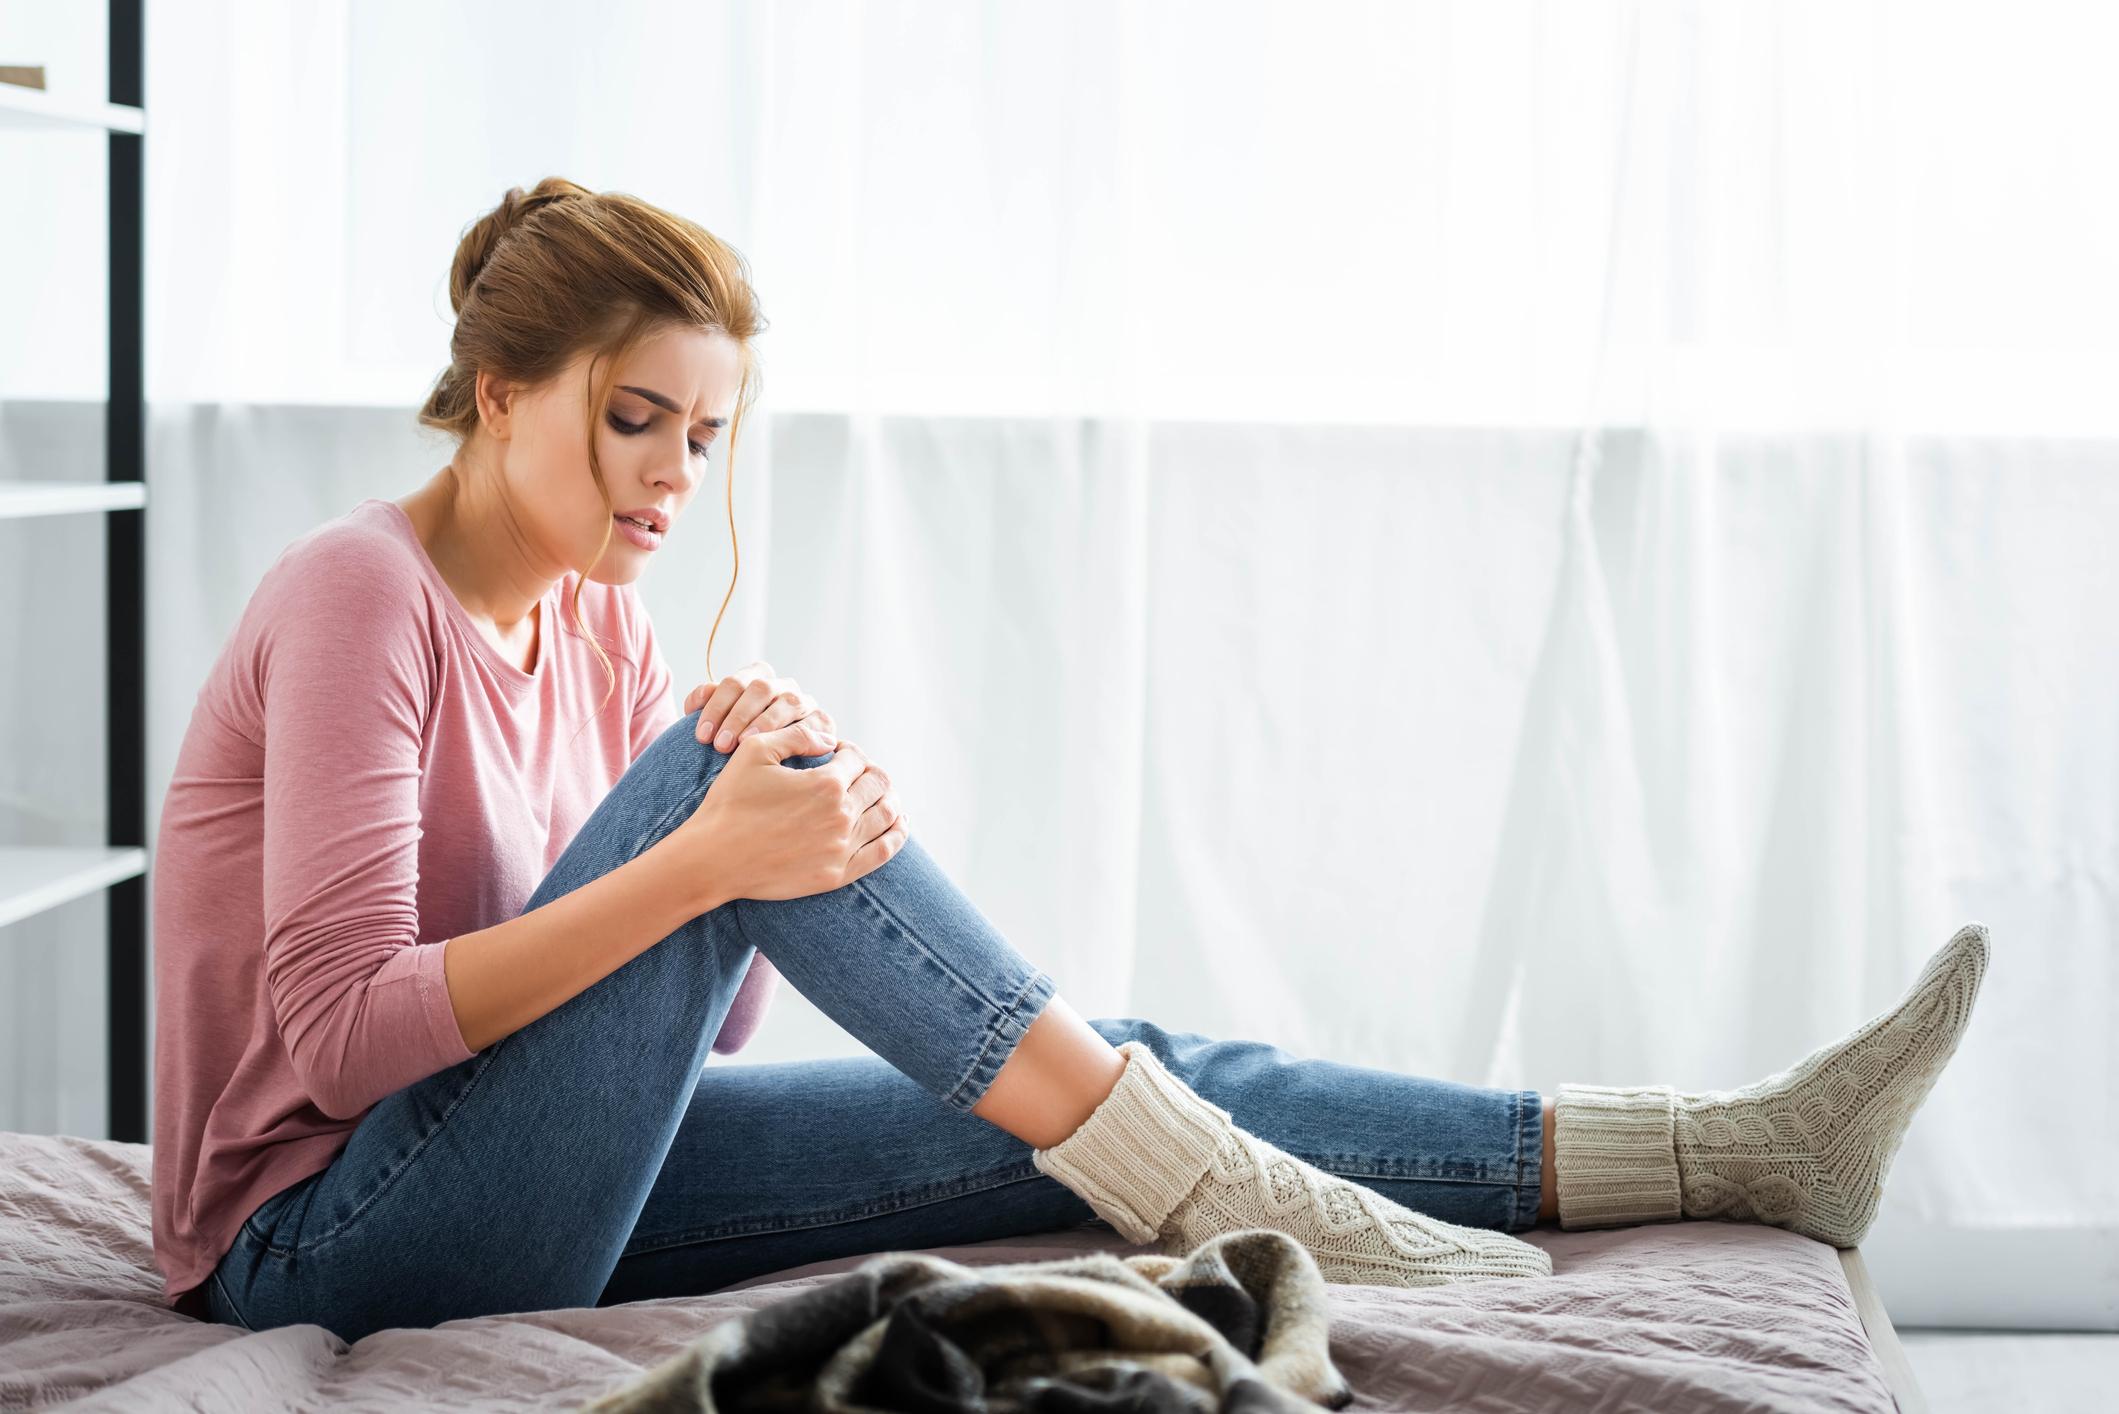 Kol ve bacaklarda şişlik varsa dikkat! Kemik tümörü sinyali olabilir